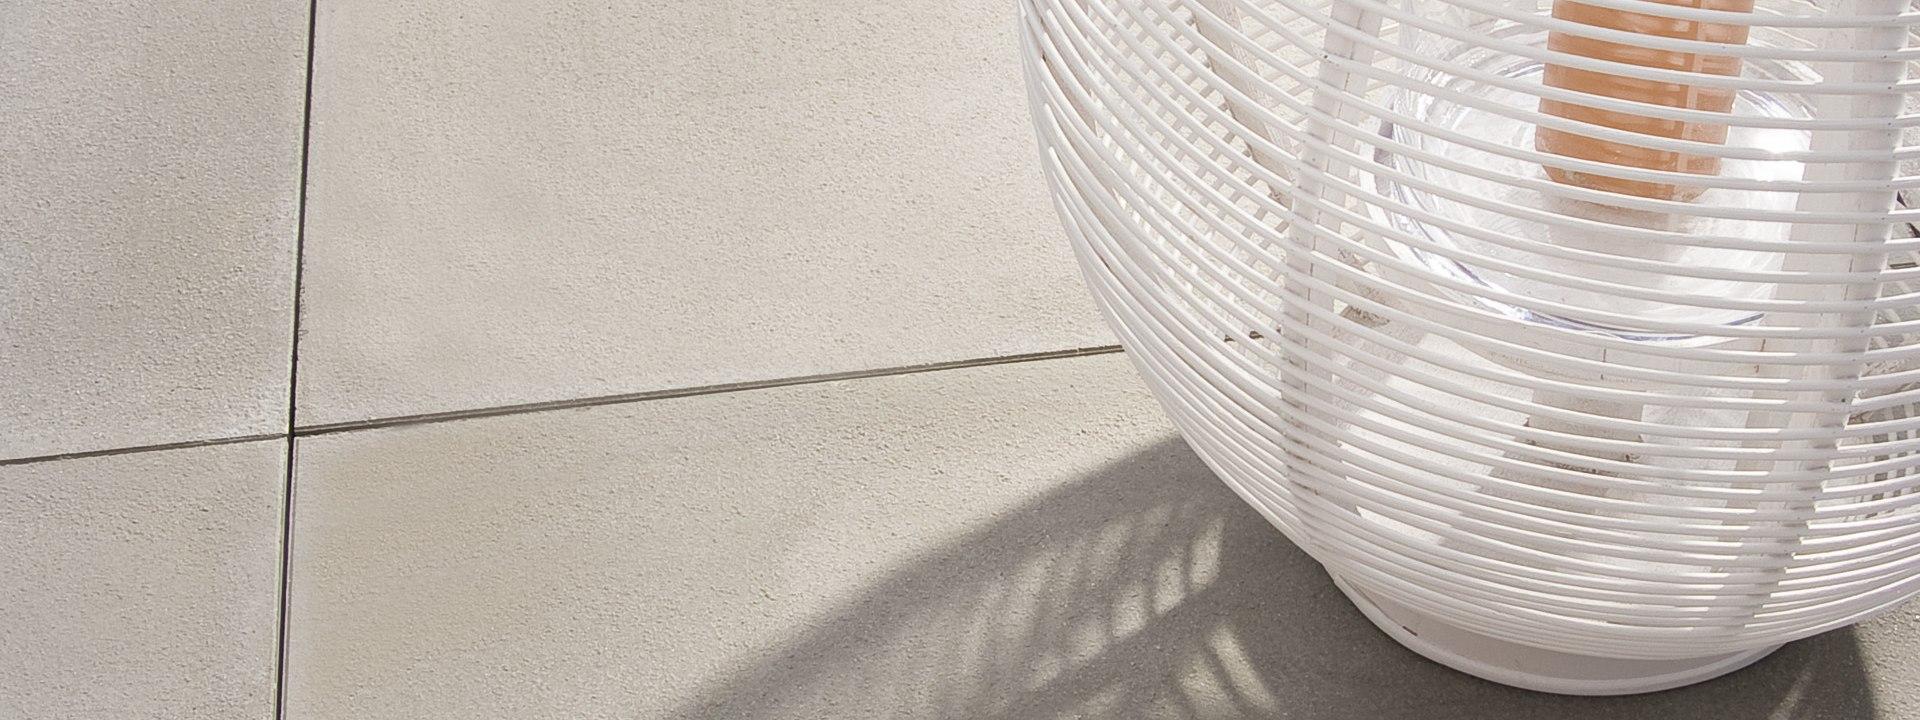 Terrassenplatte GARTENPLATTE von GODELMANN. Grauer gepflasterter Steinboden mit oranger Kerze und Dekoration